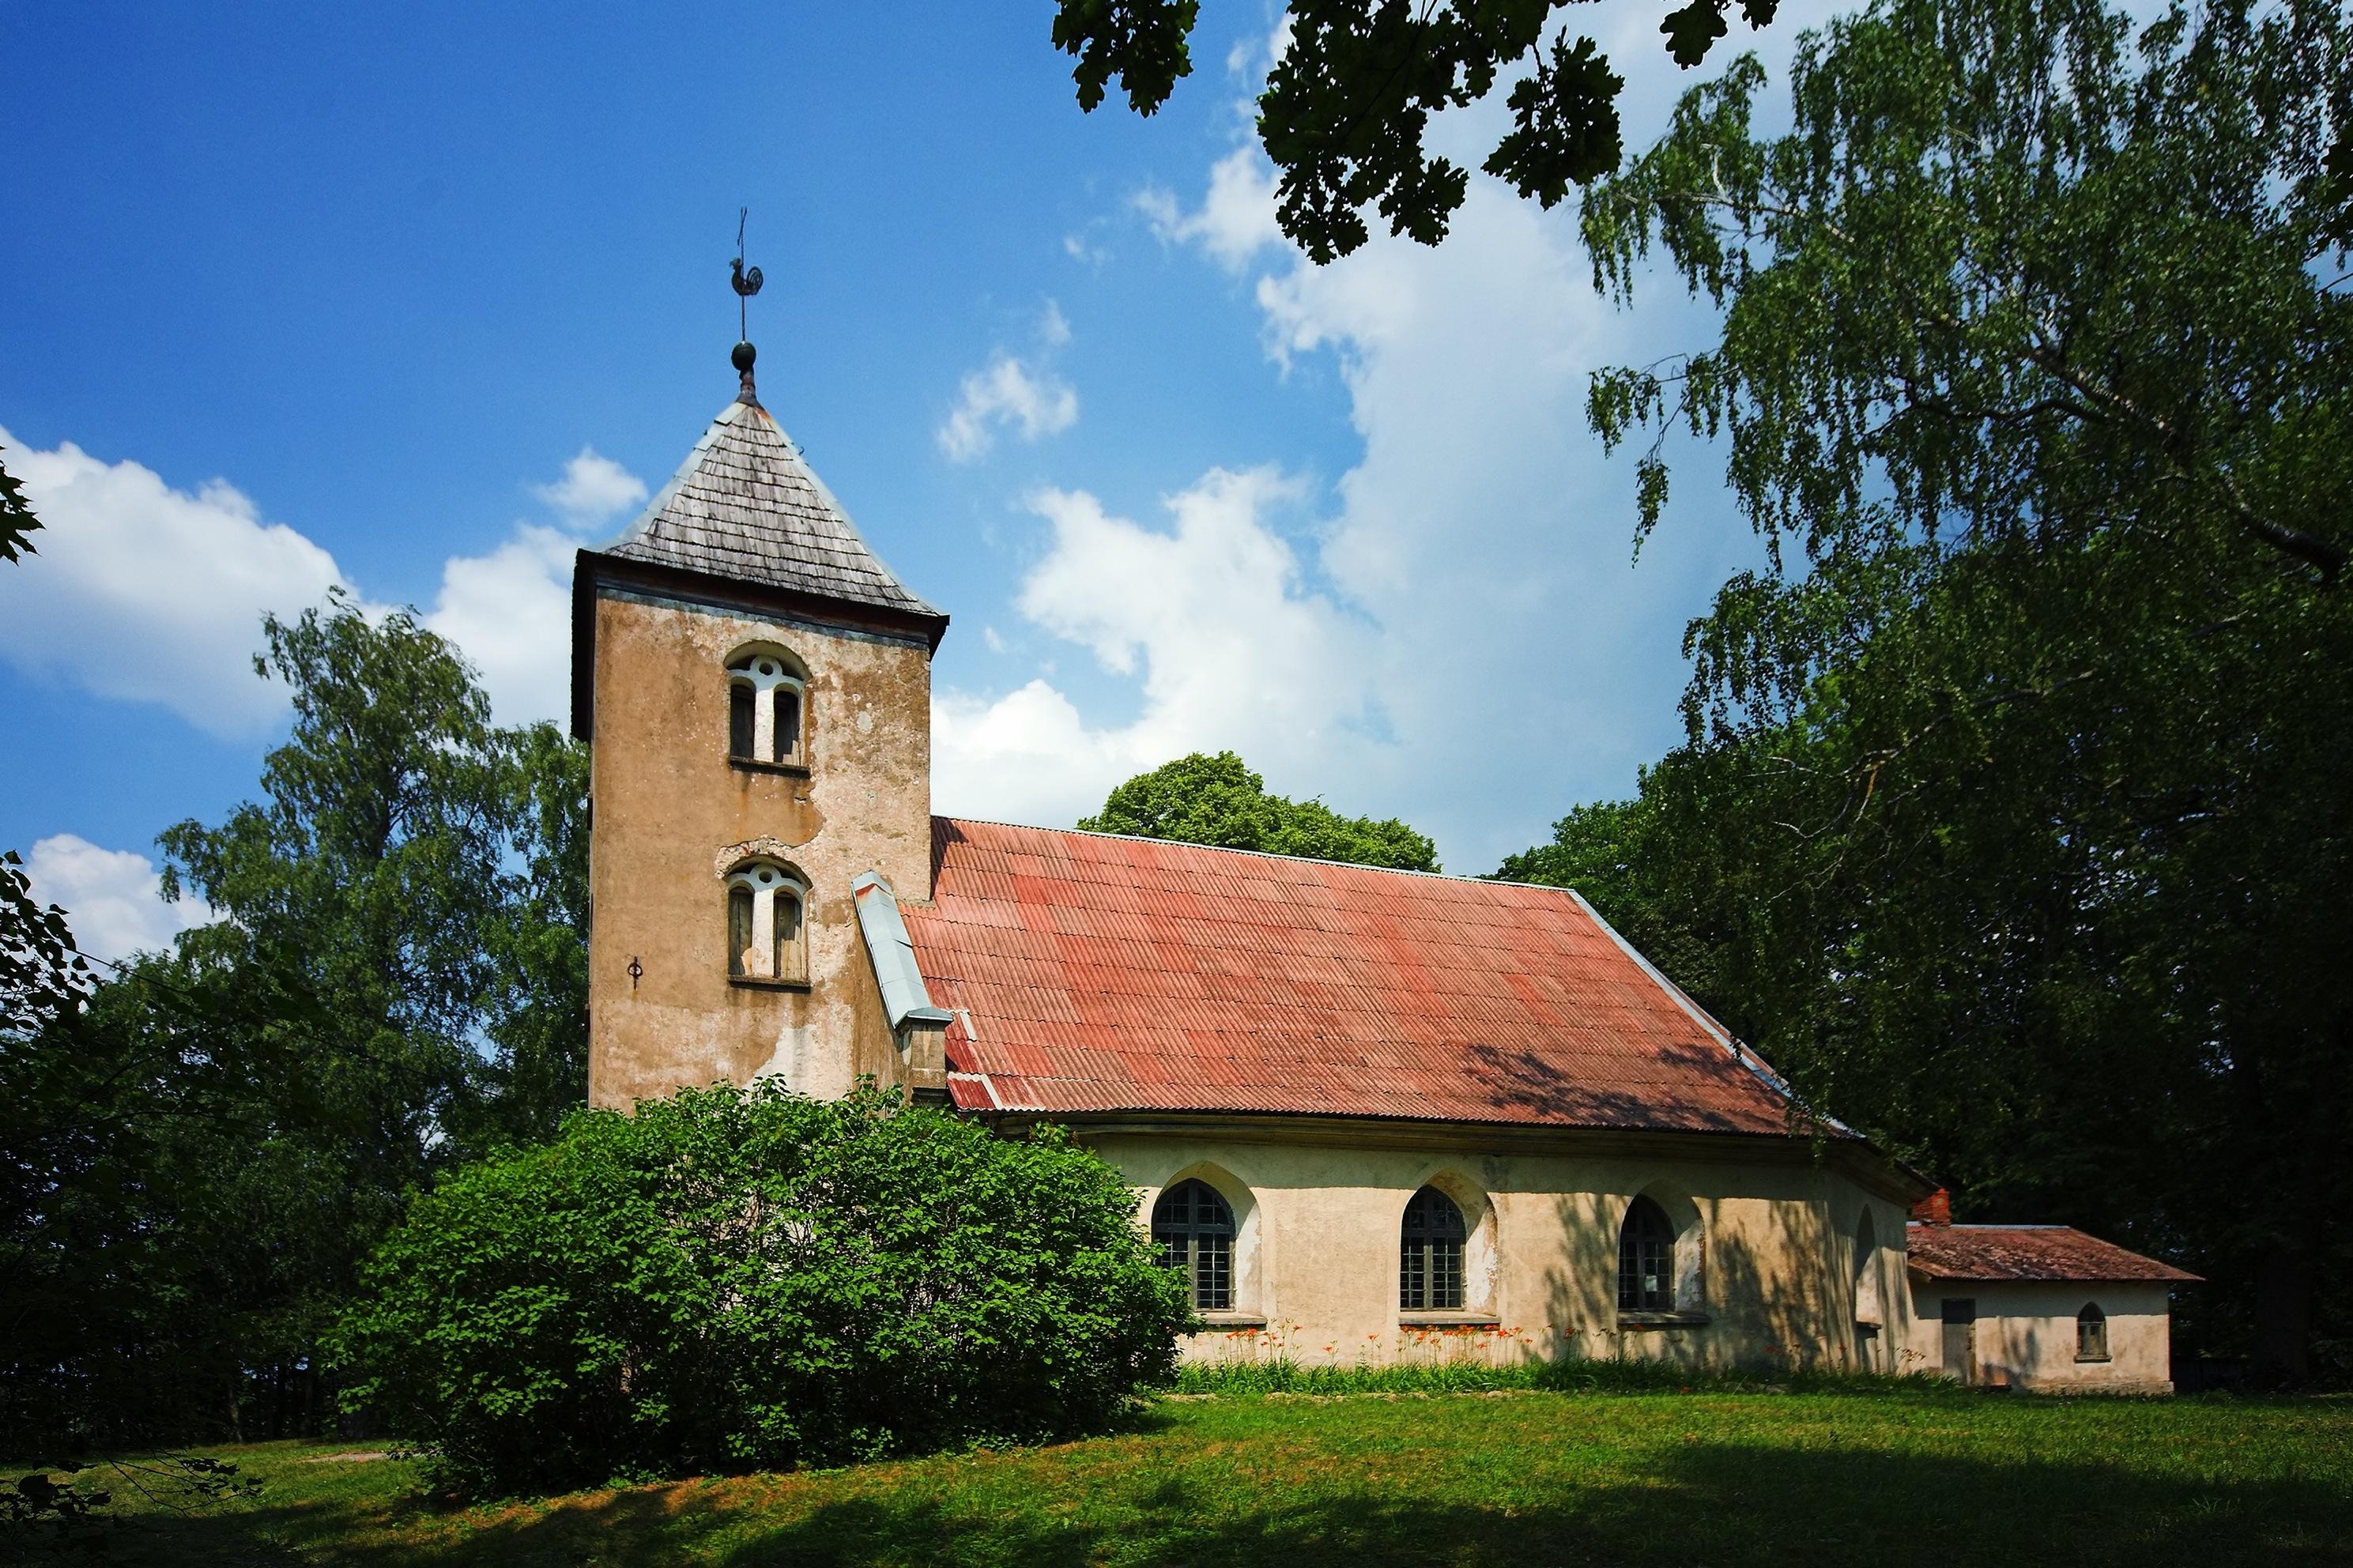 Gaiķu luteriskā baznīca